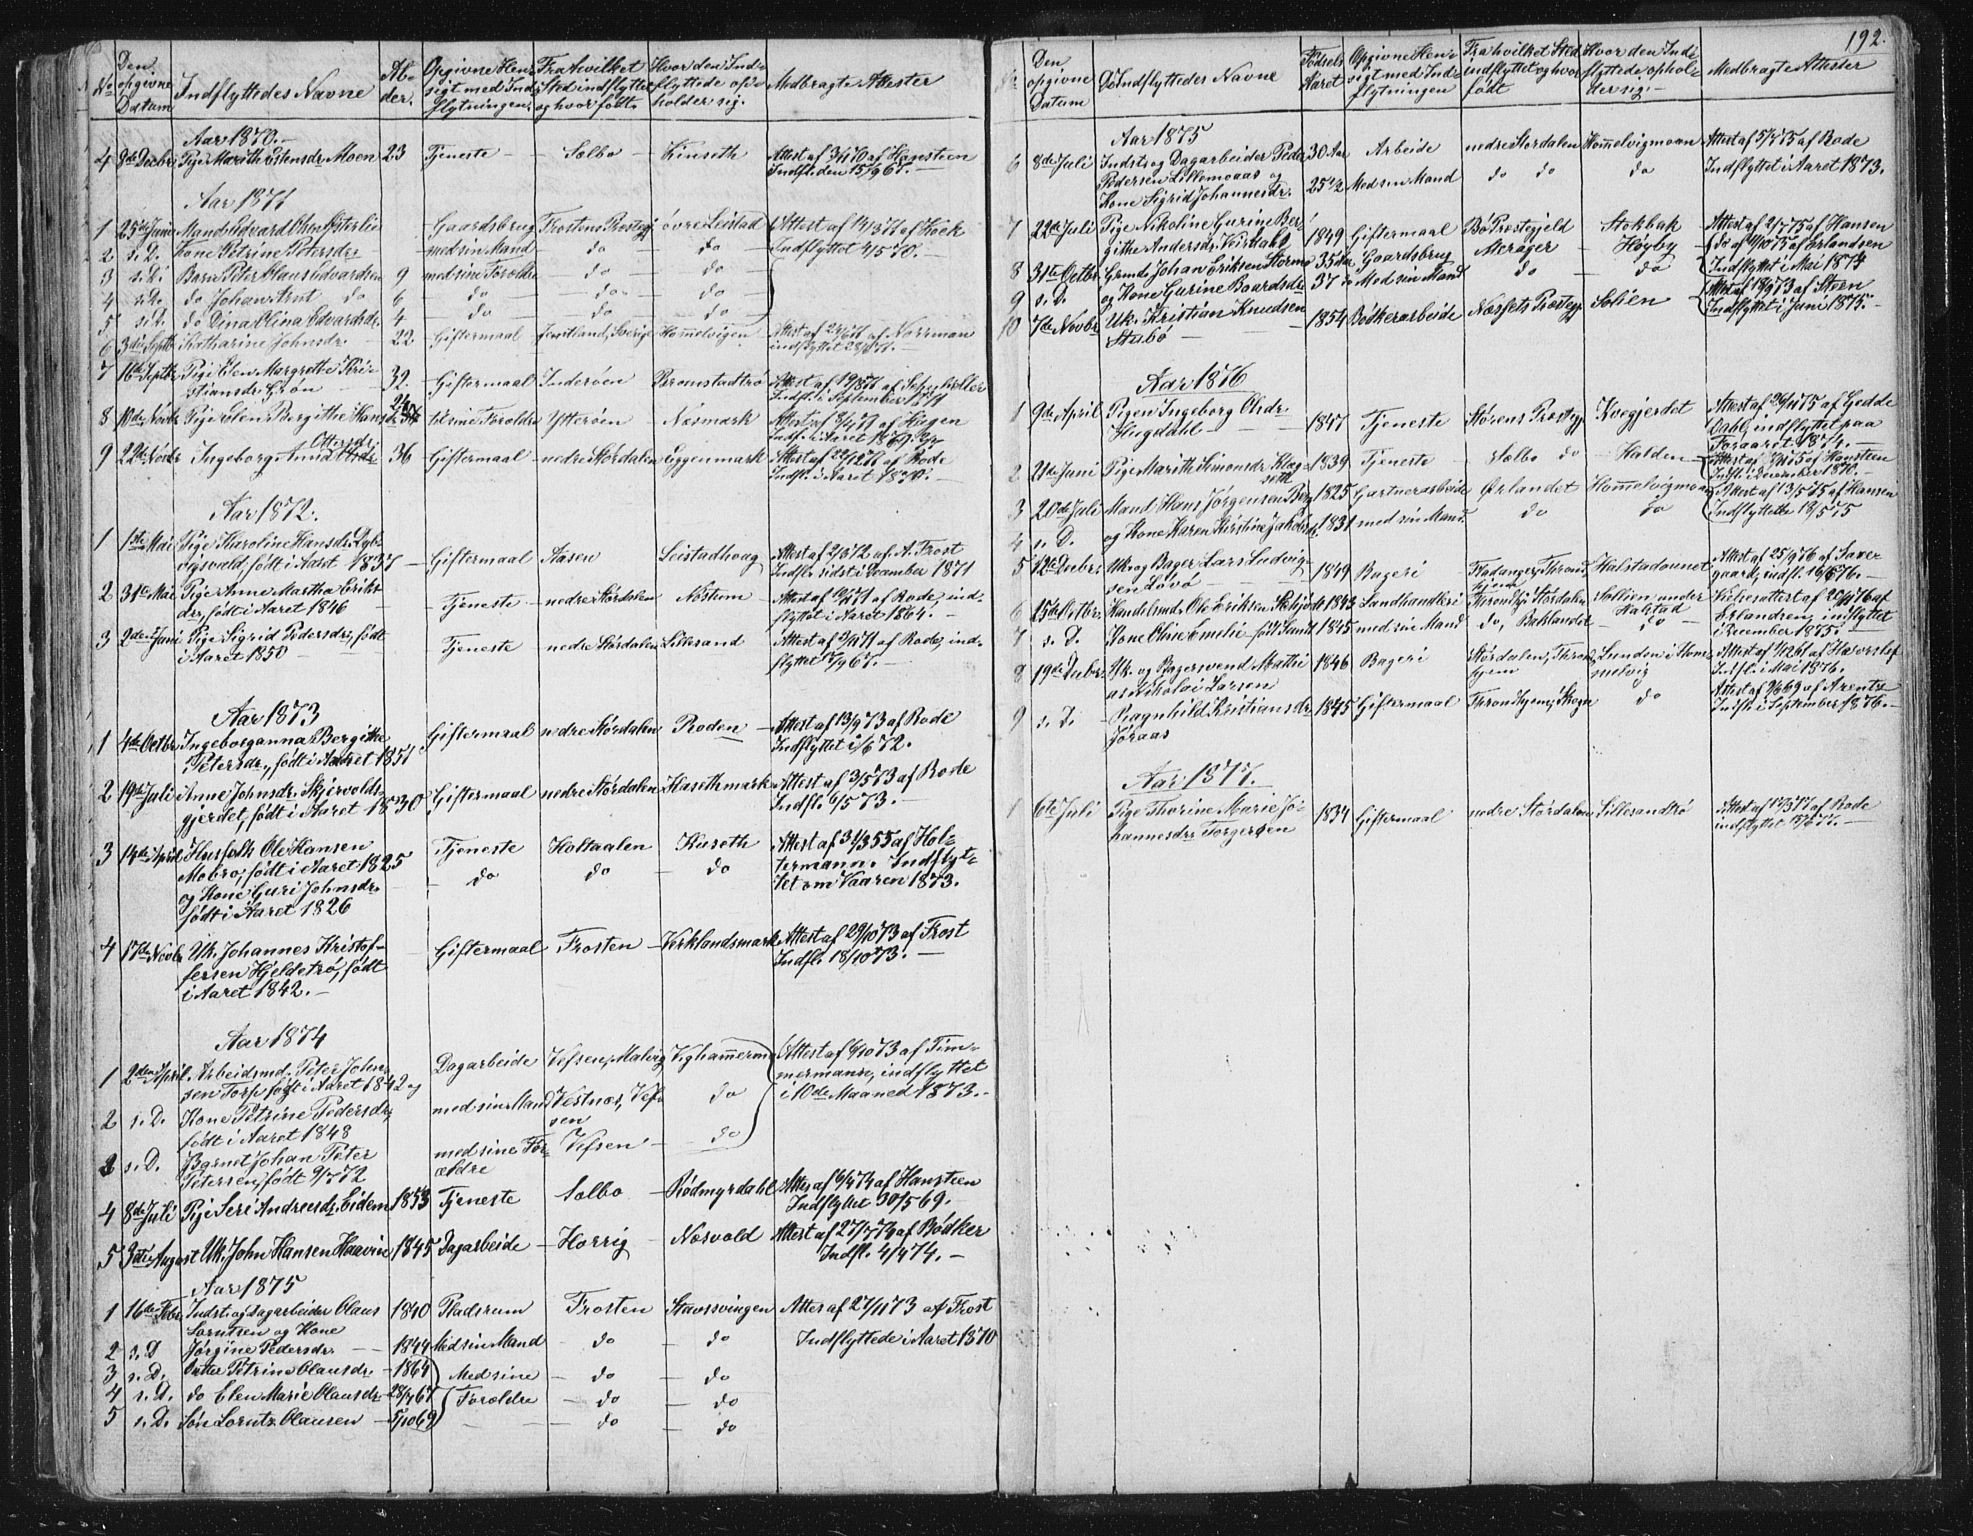 SAT, Ministerialprotokoller, klokkerbøker og fødselsregistre - Sør-Trøndelag, 616/L0406: Ministerialbok nr. 616A03, 1843-1879, s. 192